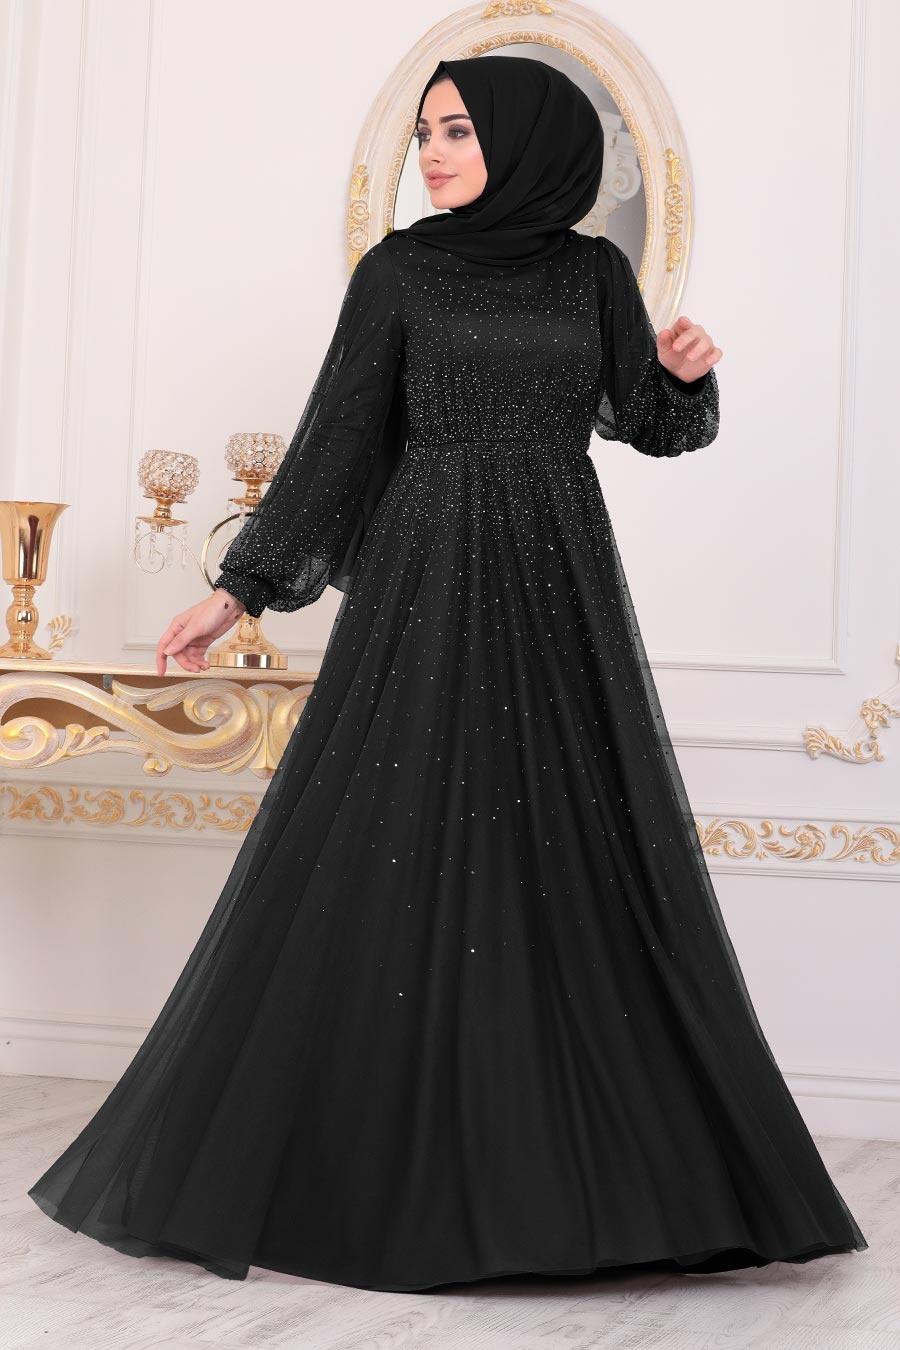 Tesettürlü Abiye Elbise - Simli Siyah Tesettür Abiye Elbise 21501S